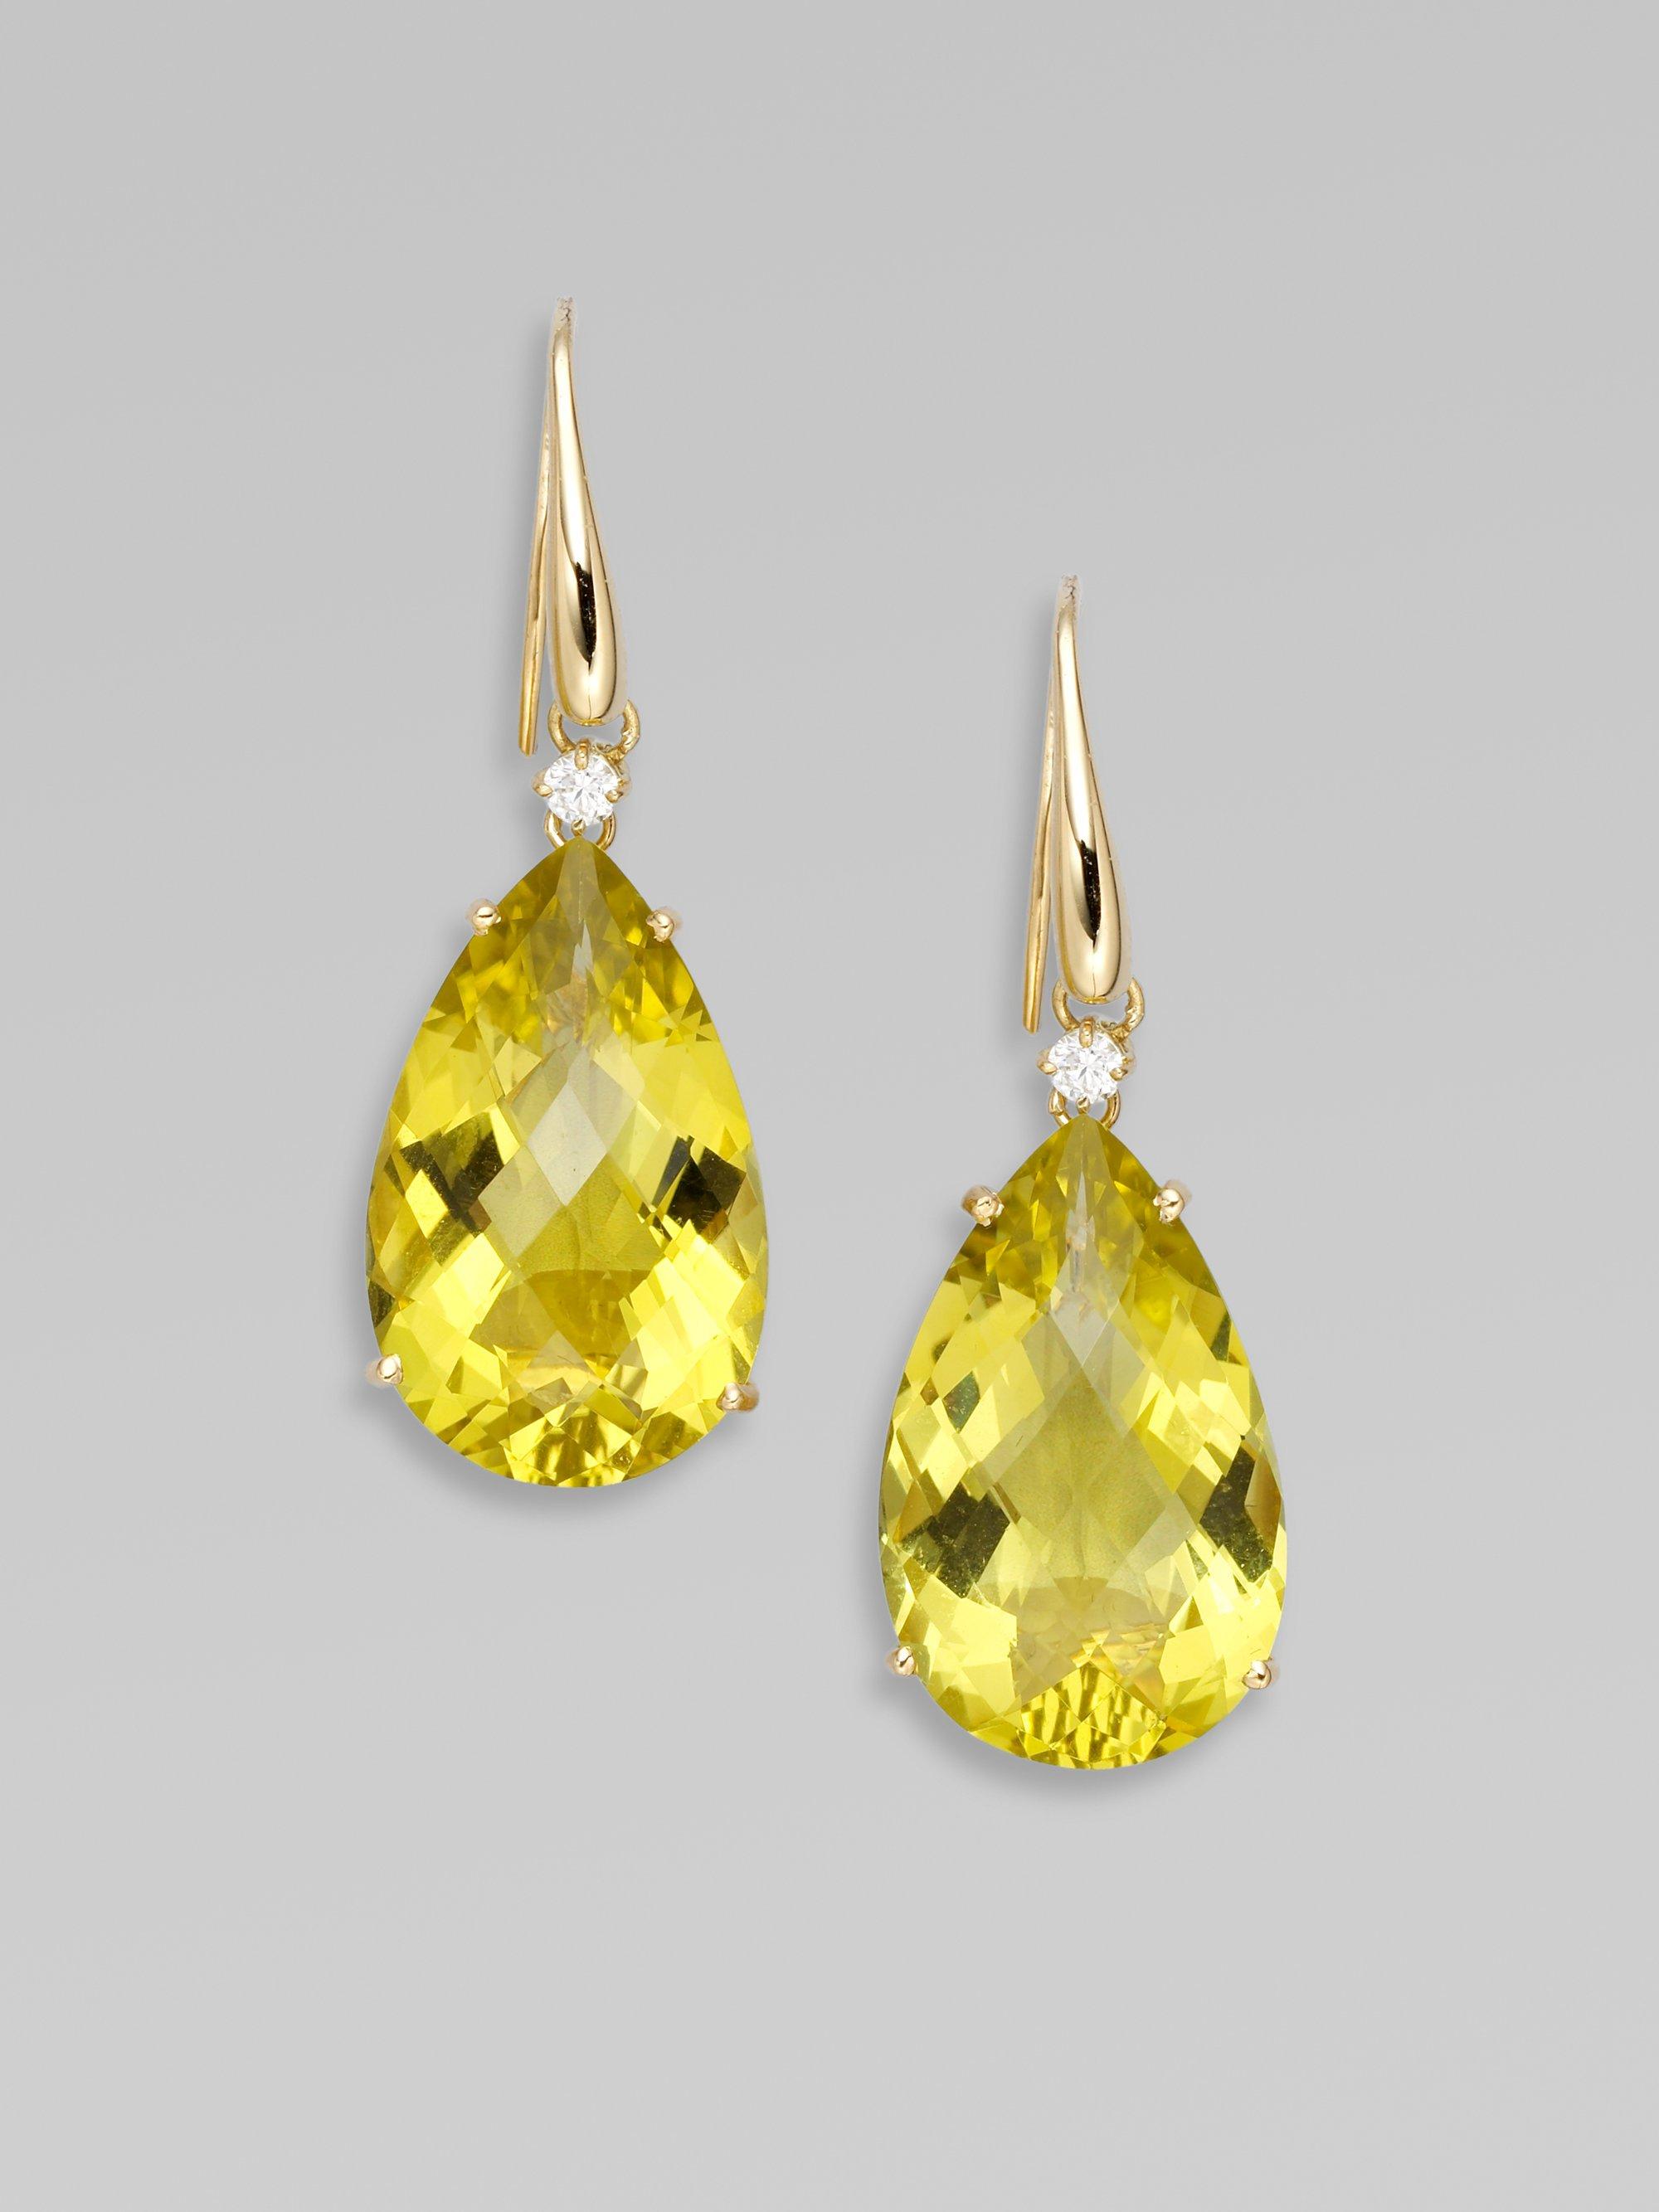 Roberto Coin Lemon Quartz Diamond 18k Yellow Gold Earrings